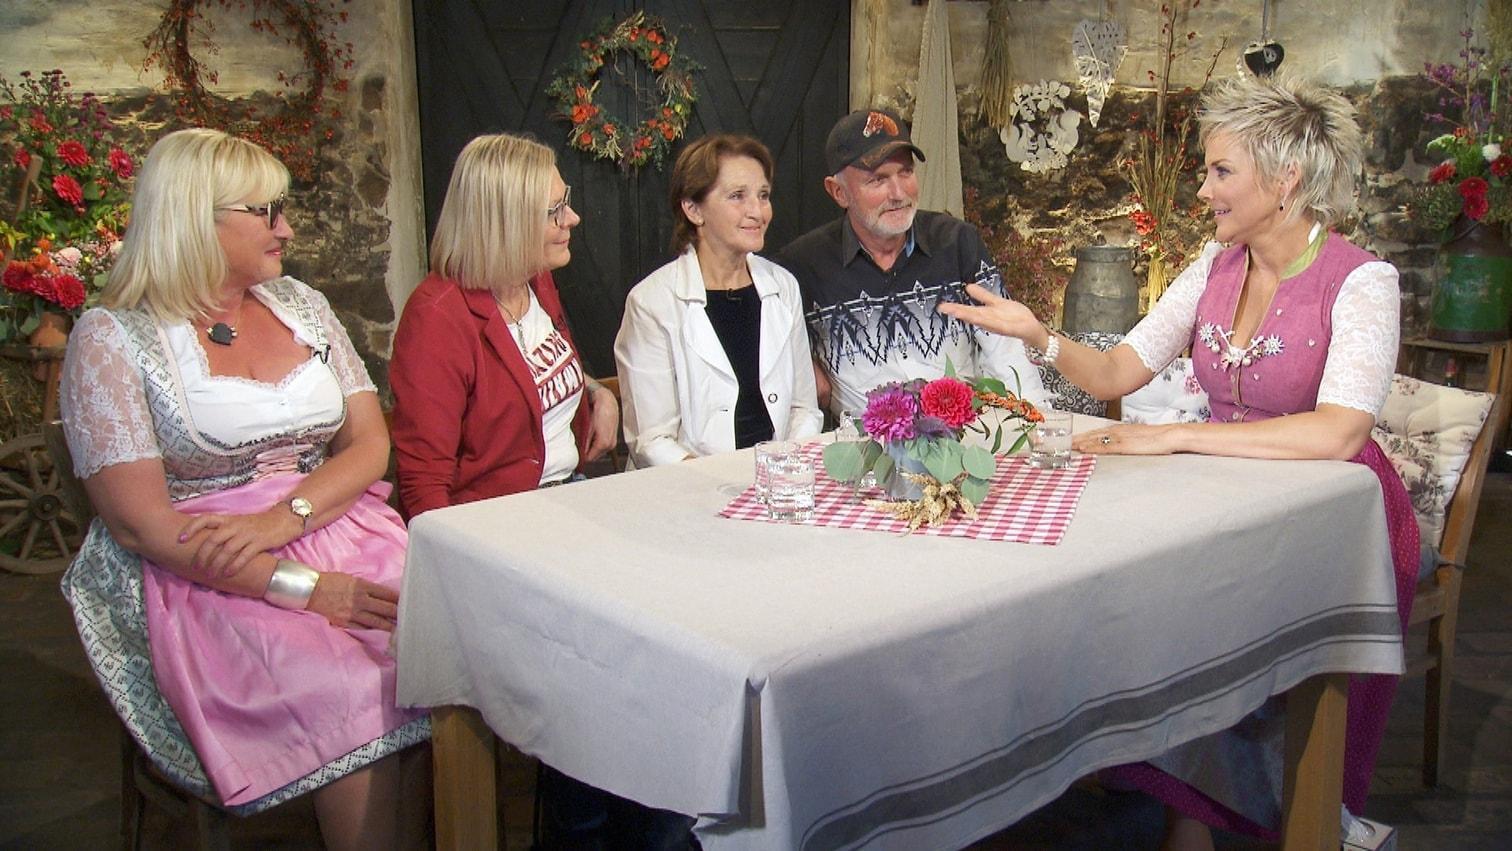 <p>...und den beiden Hofwochen-Kandidatinnen Angelika (2.v.l.) und Irmgard (l.) .</p> Foto: MG RTL D